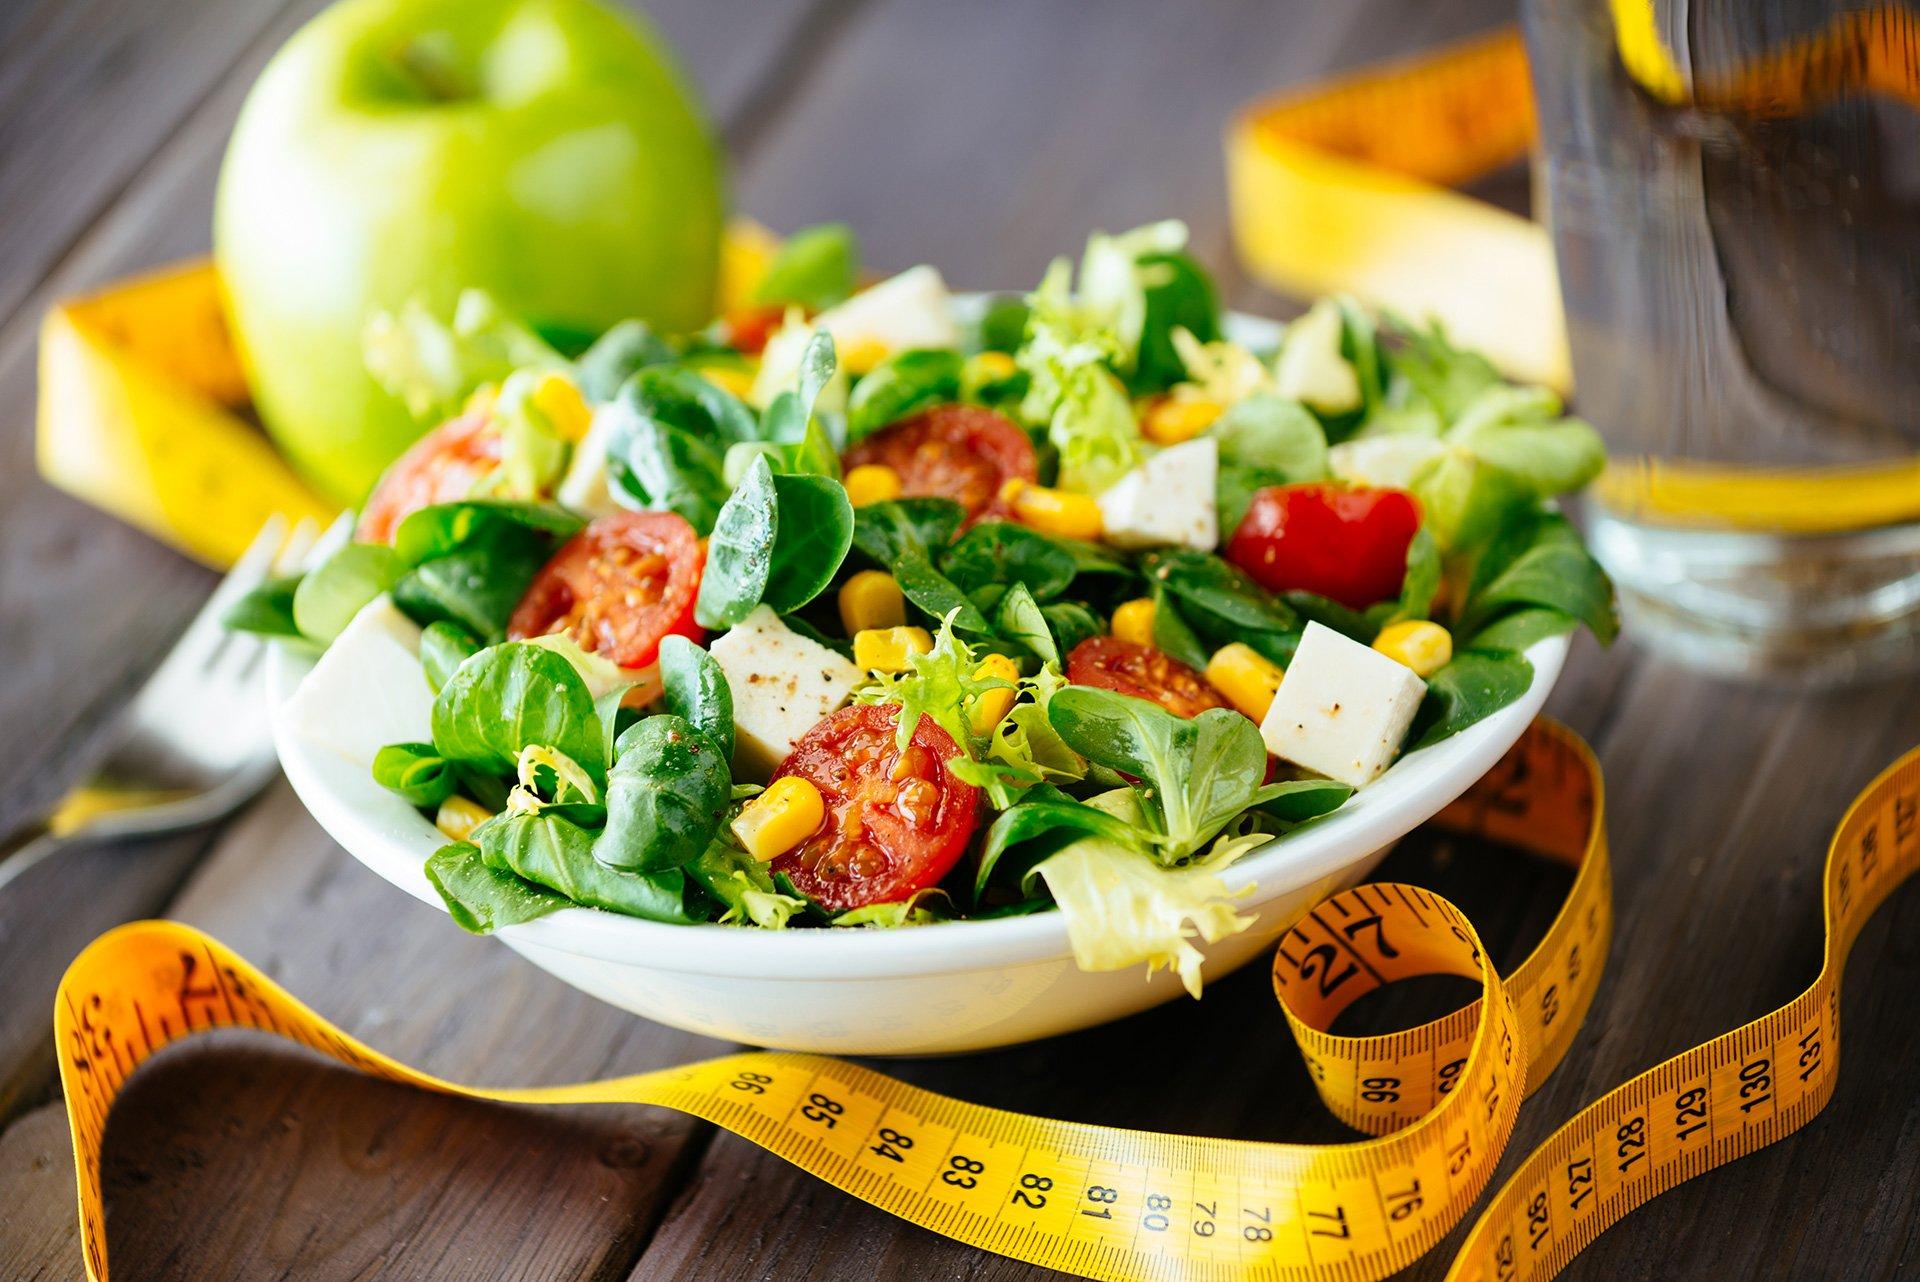 Una ciotola di insalata con mais, valeriana, pomodori, tofu, olio d'oliva e aromi e un metro di gomma di color giallo